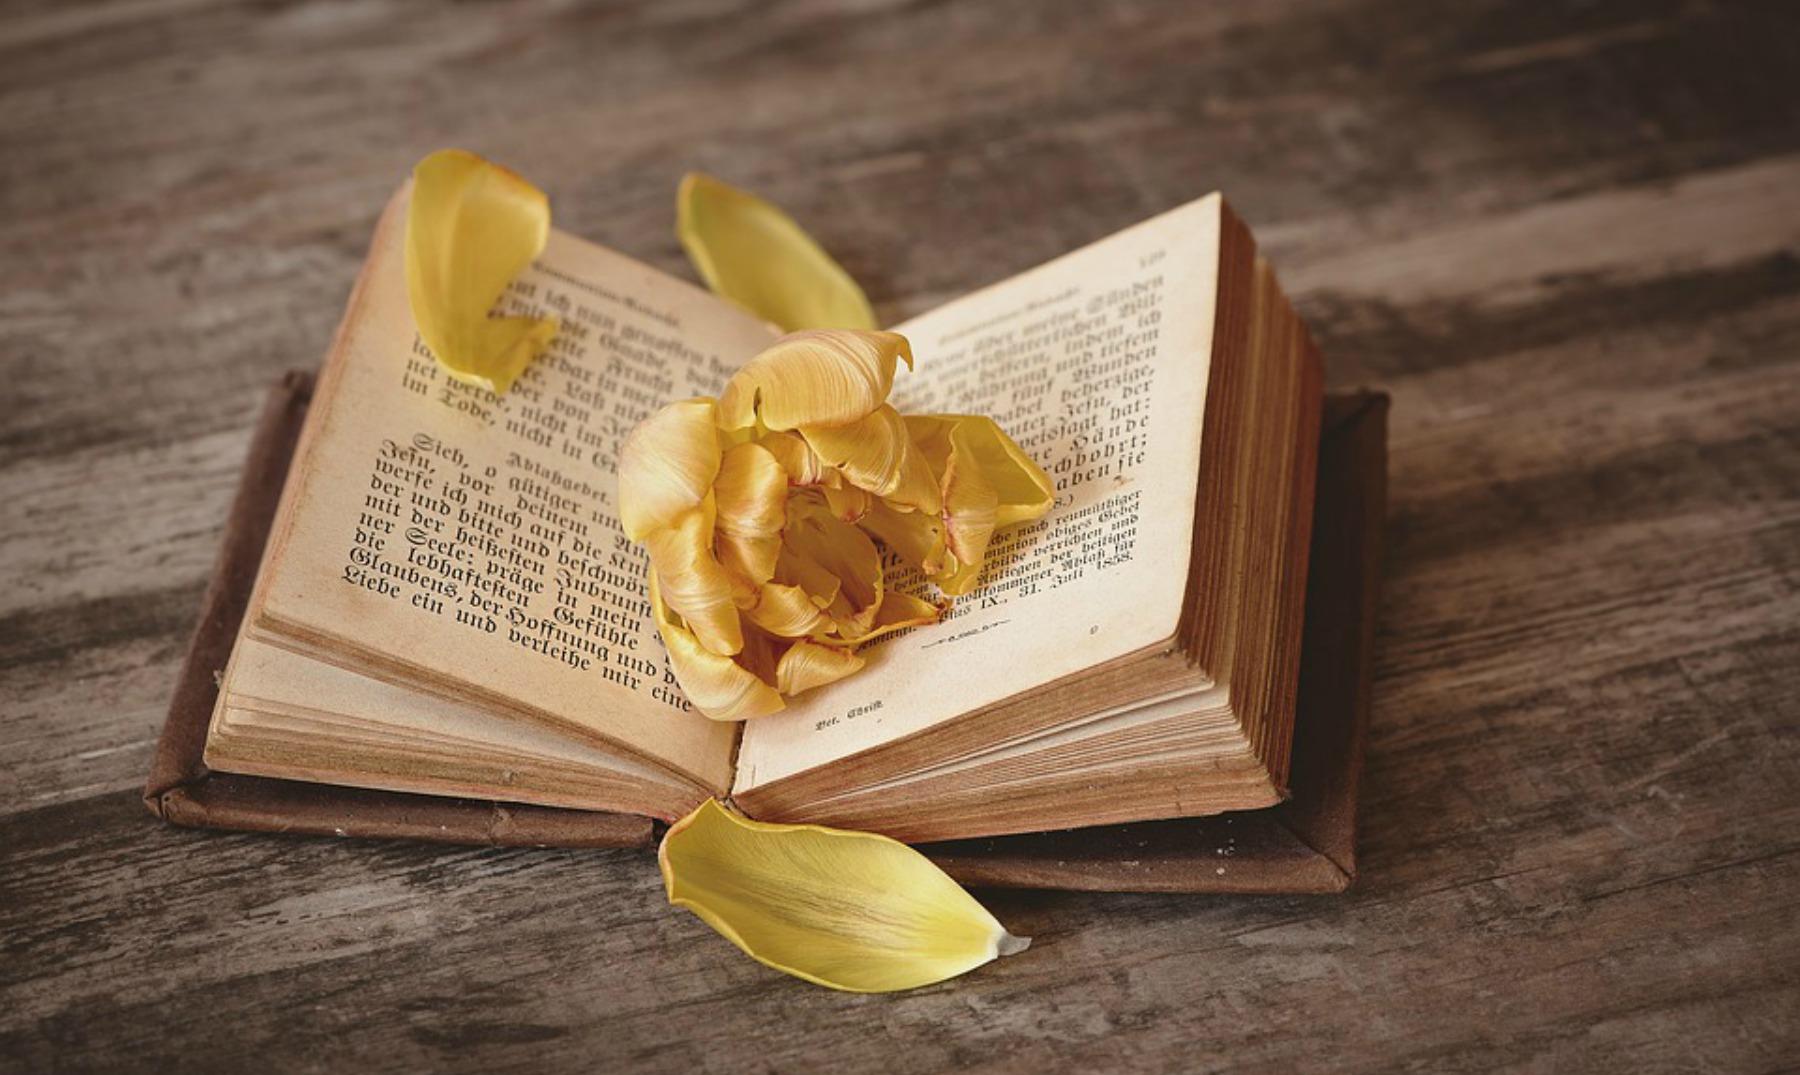 Frases de libros ¡no hay nada mejor que leer un buen libro!